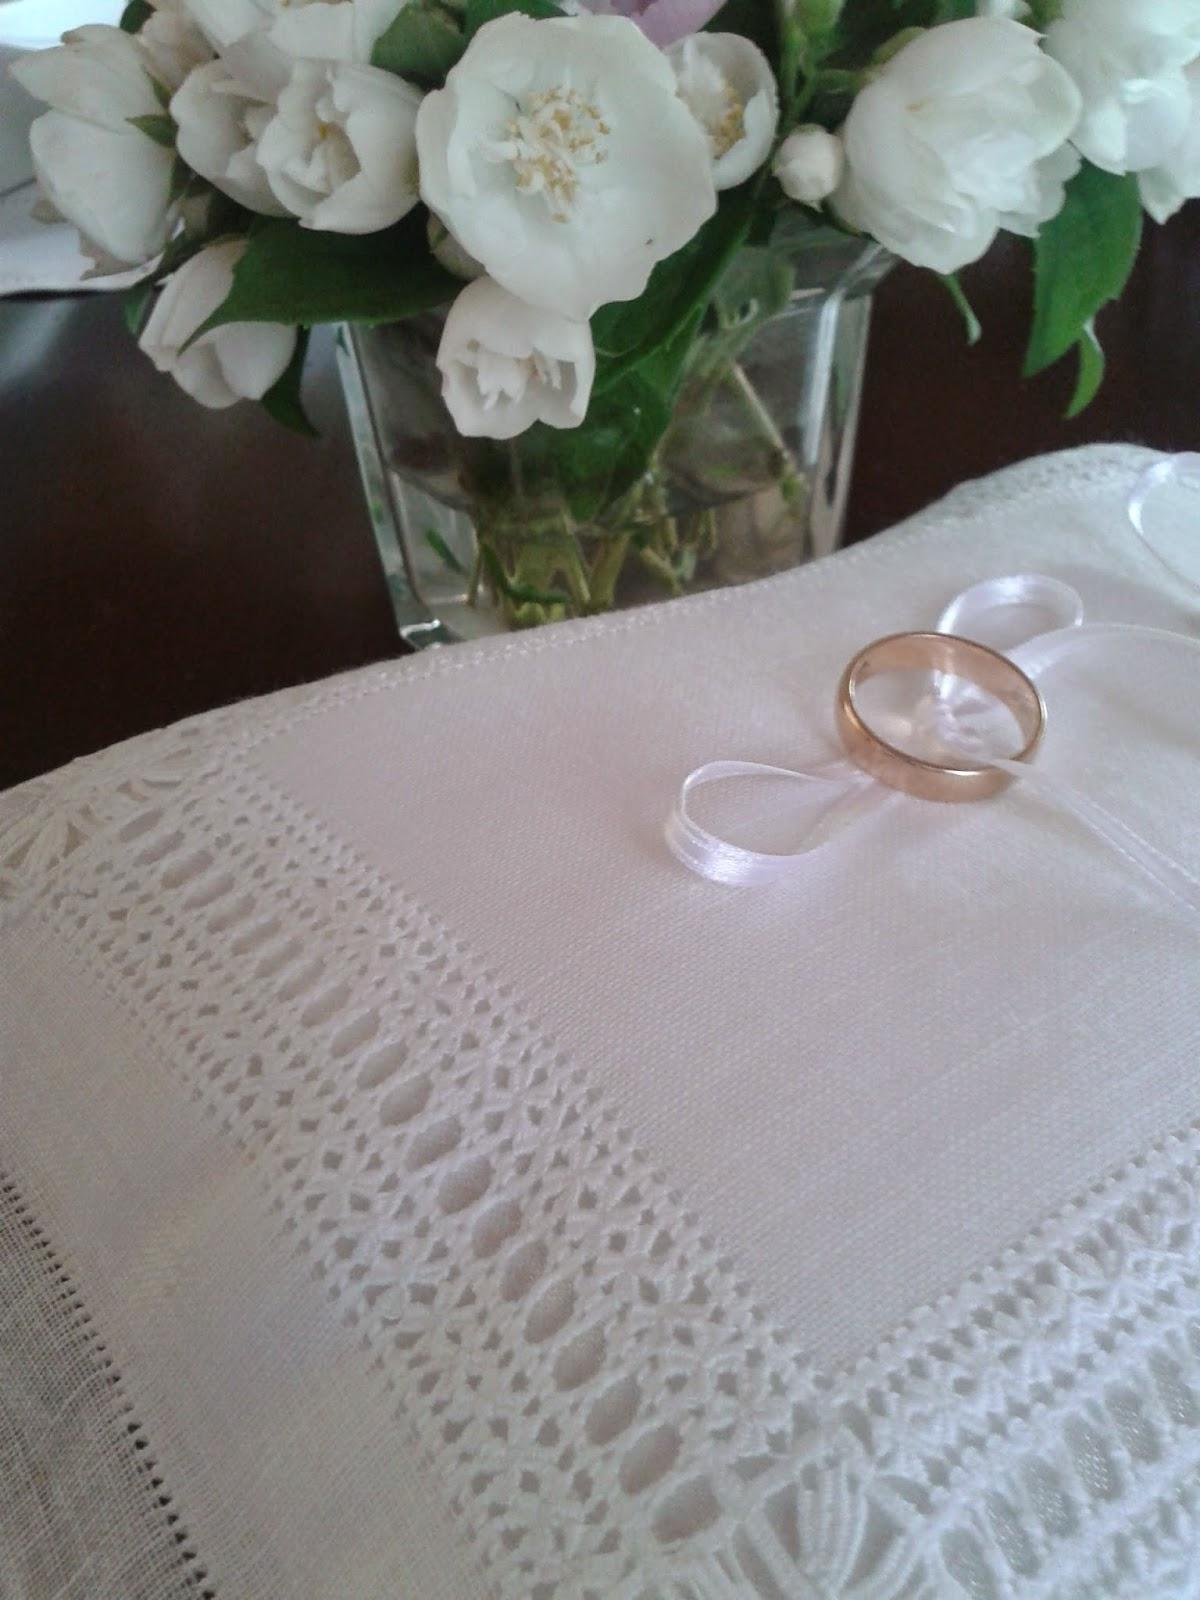 Matrimonio In Vista : Lemanidicice matrimonio in vista